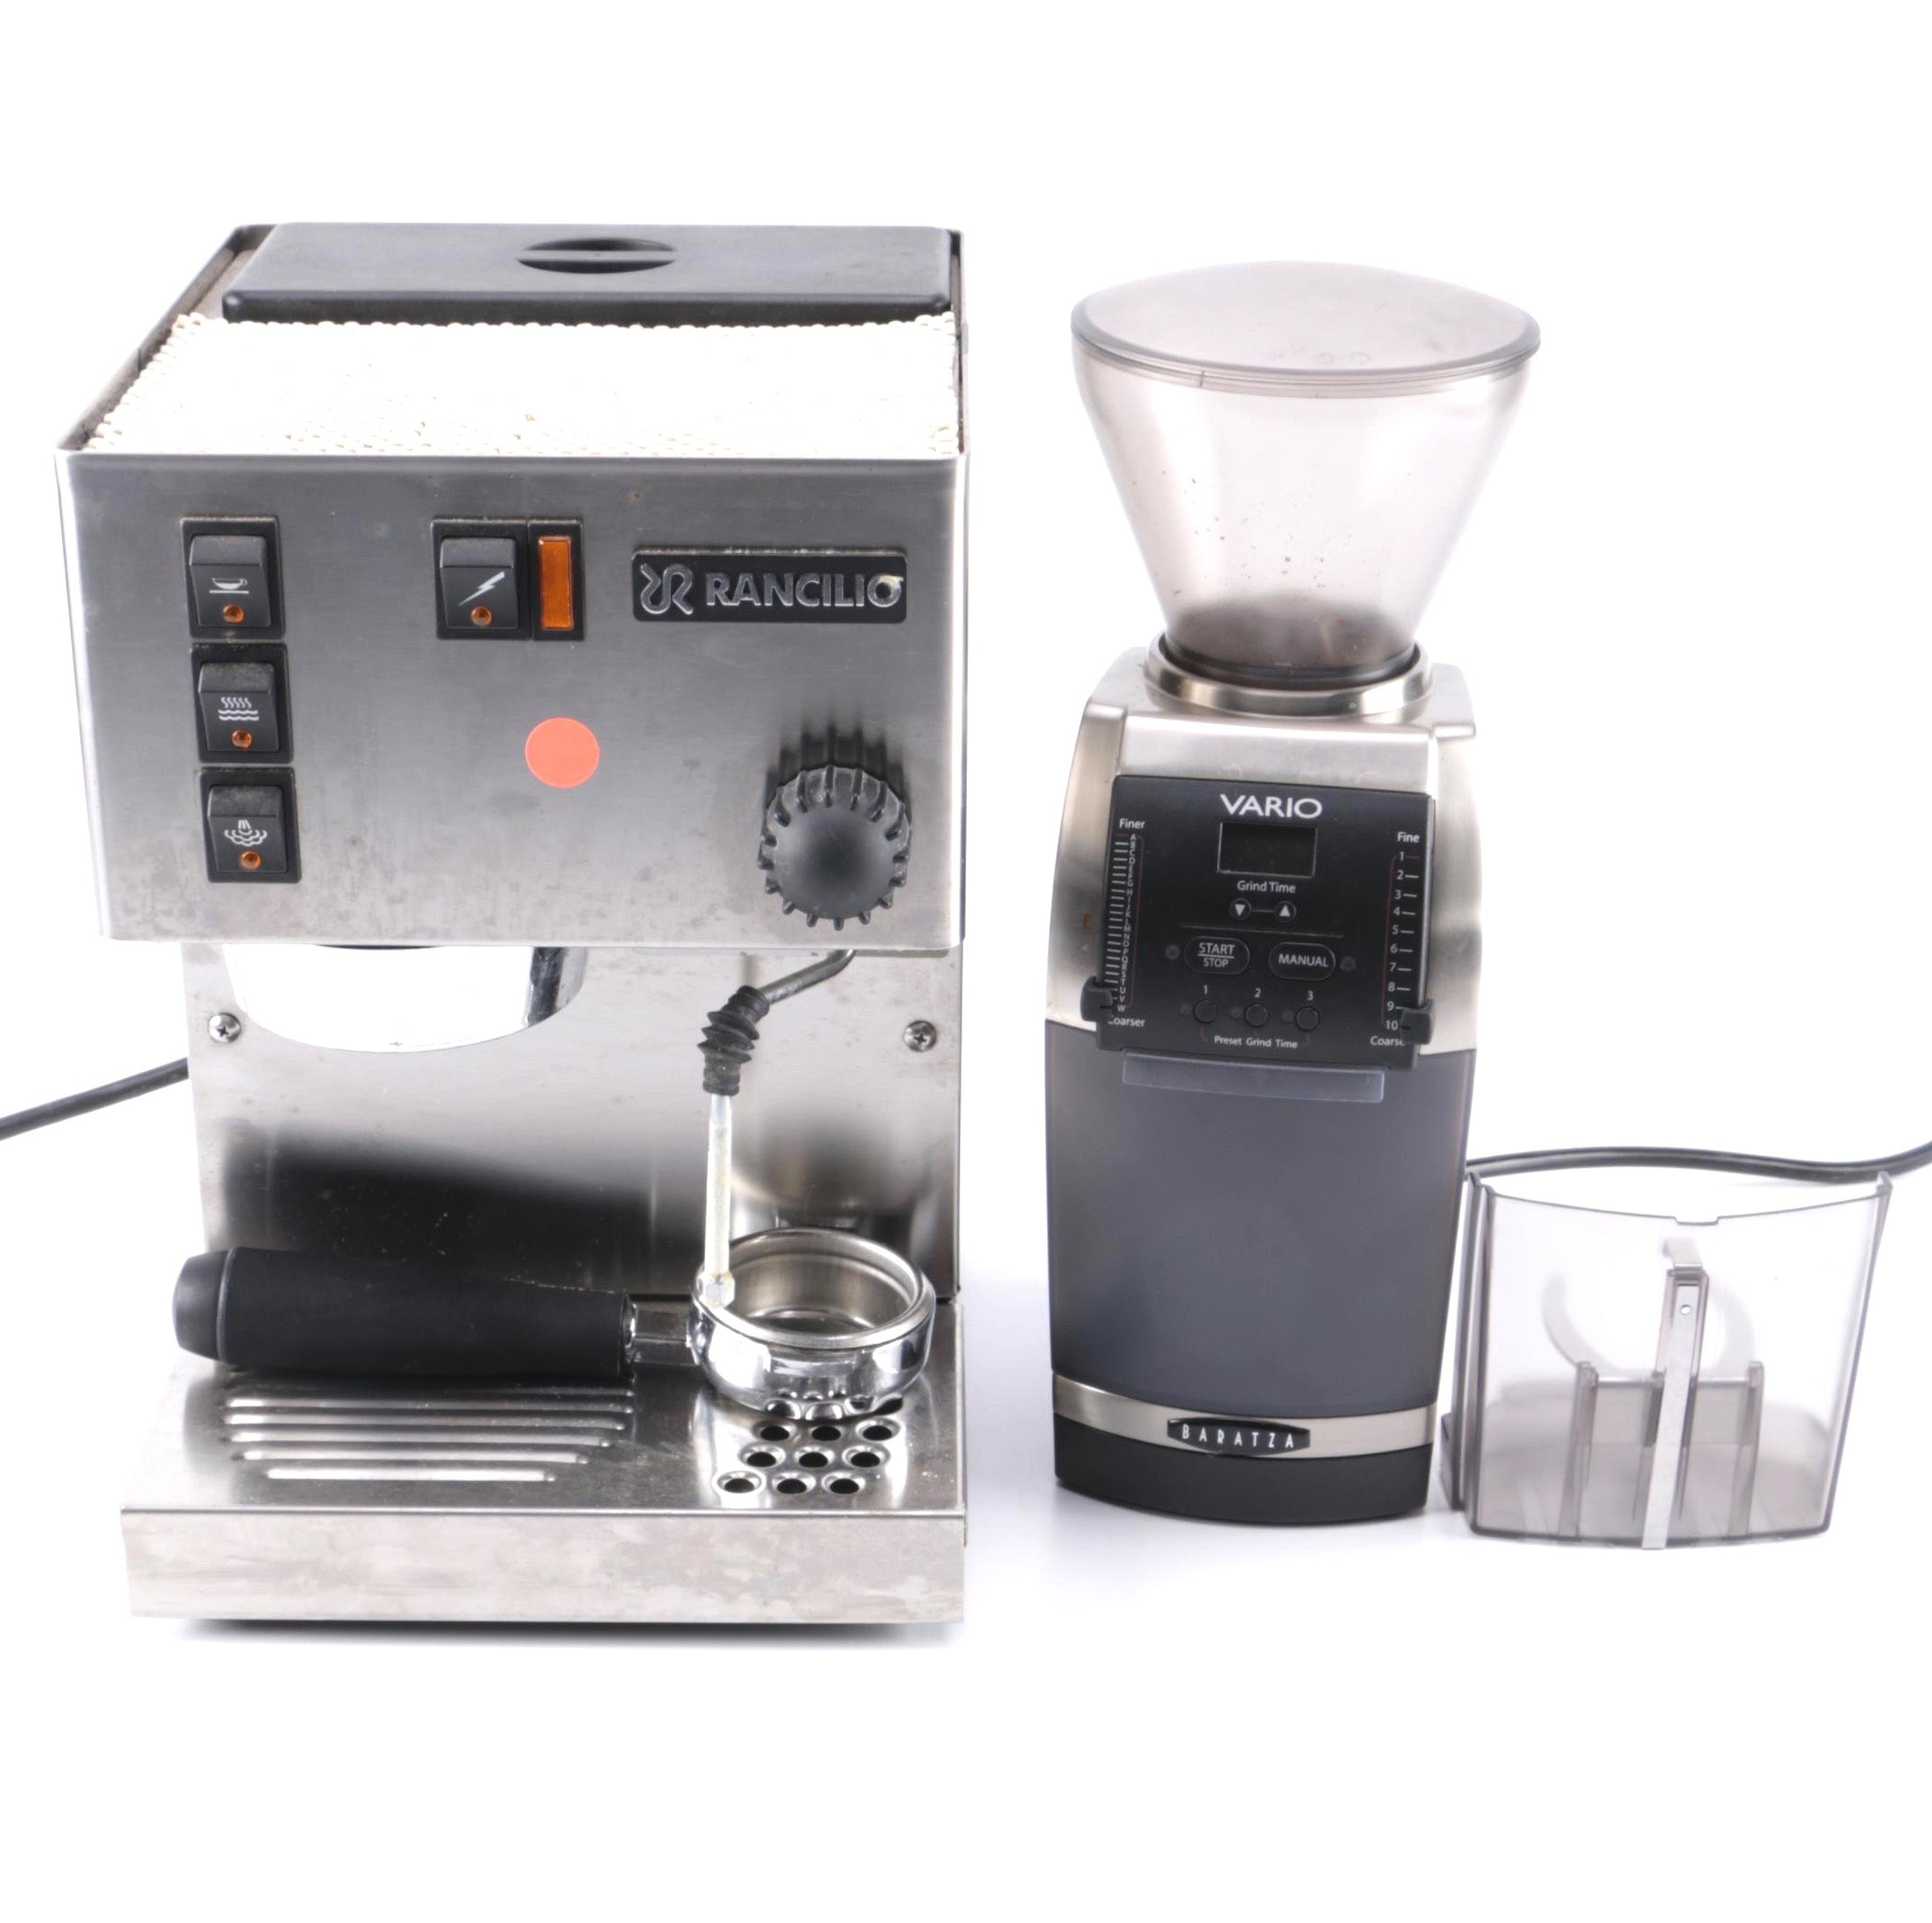 Rancilio Silvia Espresso Machine and Baratza Vario Grinder